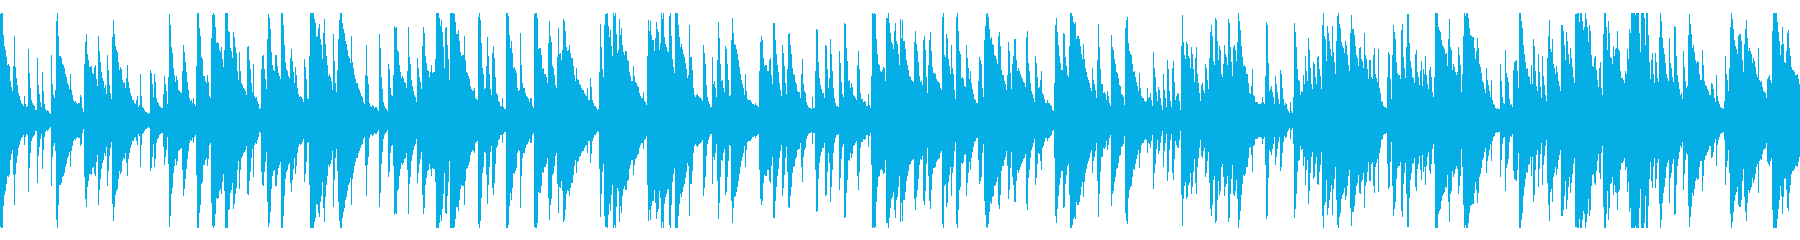 お洒落なジャズピアノトリオ20 ループの再生済みの波形